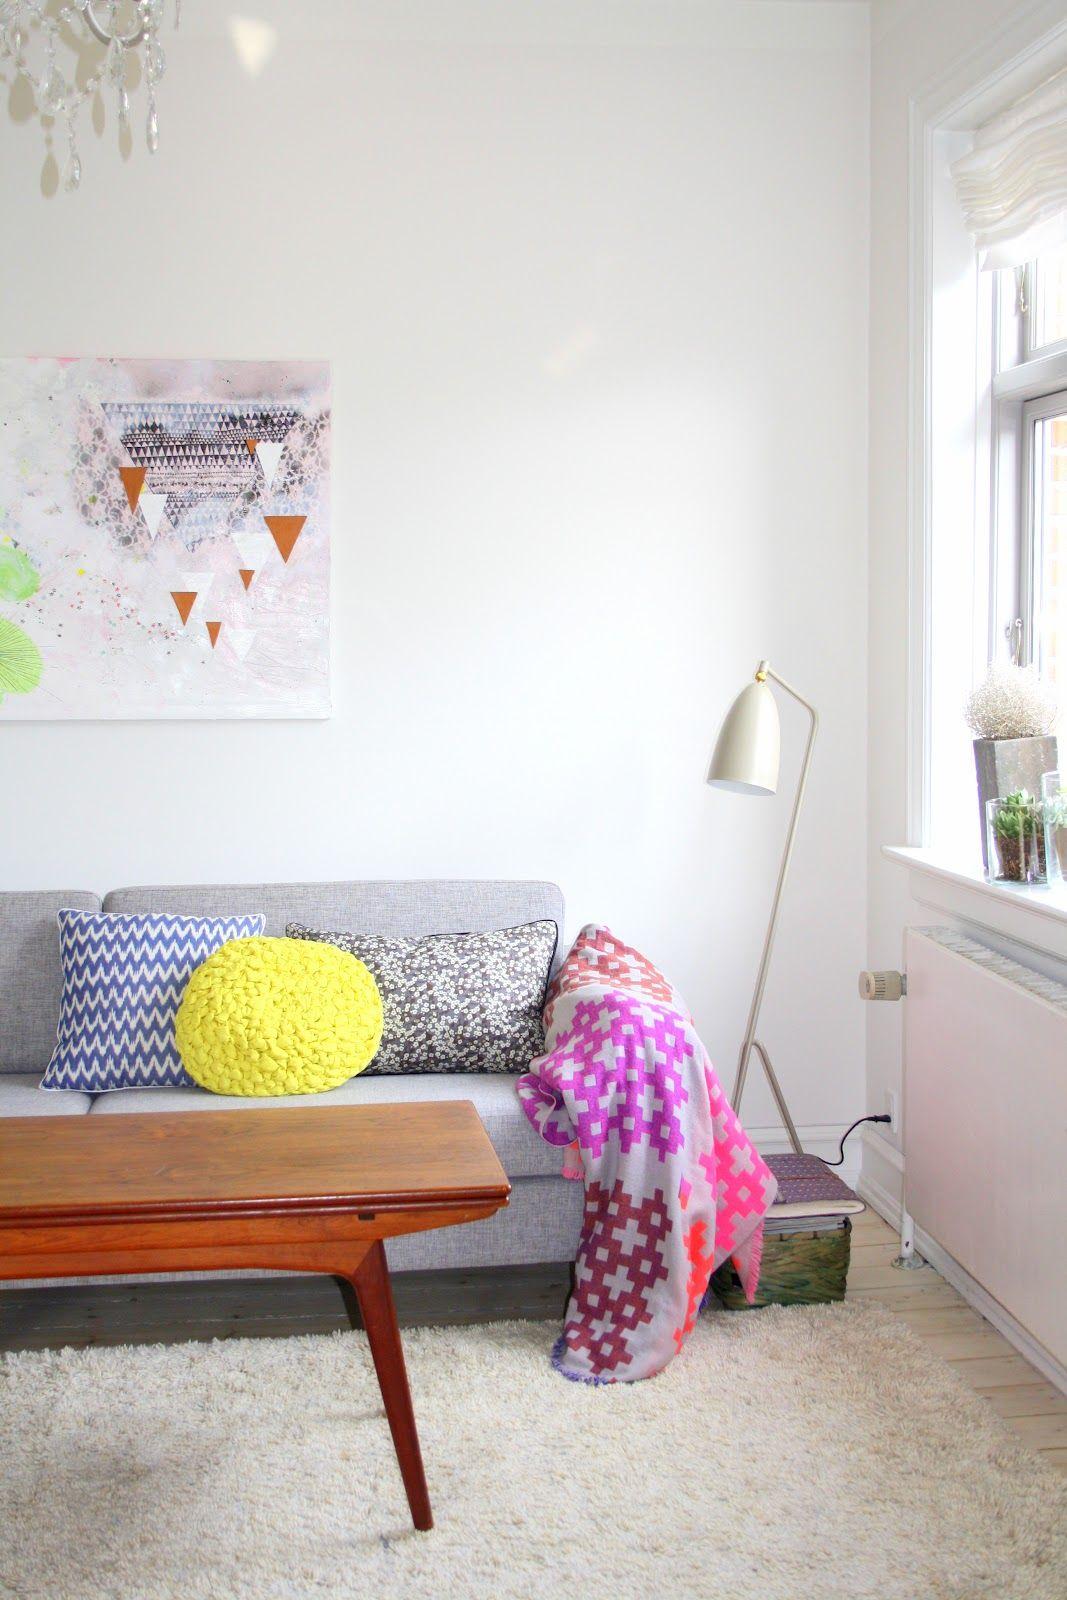 pin von scarflove auf home sweet home pinterest kissenschlacht sch ner wohnen und zuhause. Black Bedroom Furniture Sets. Home Design Ideas